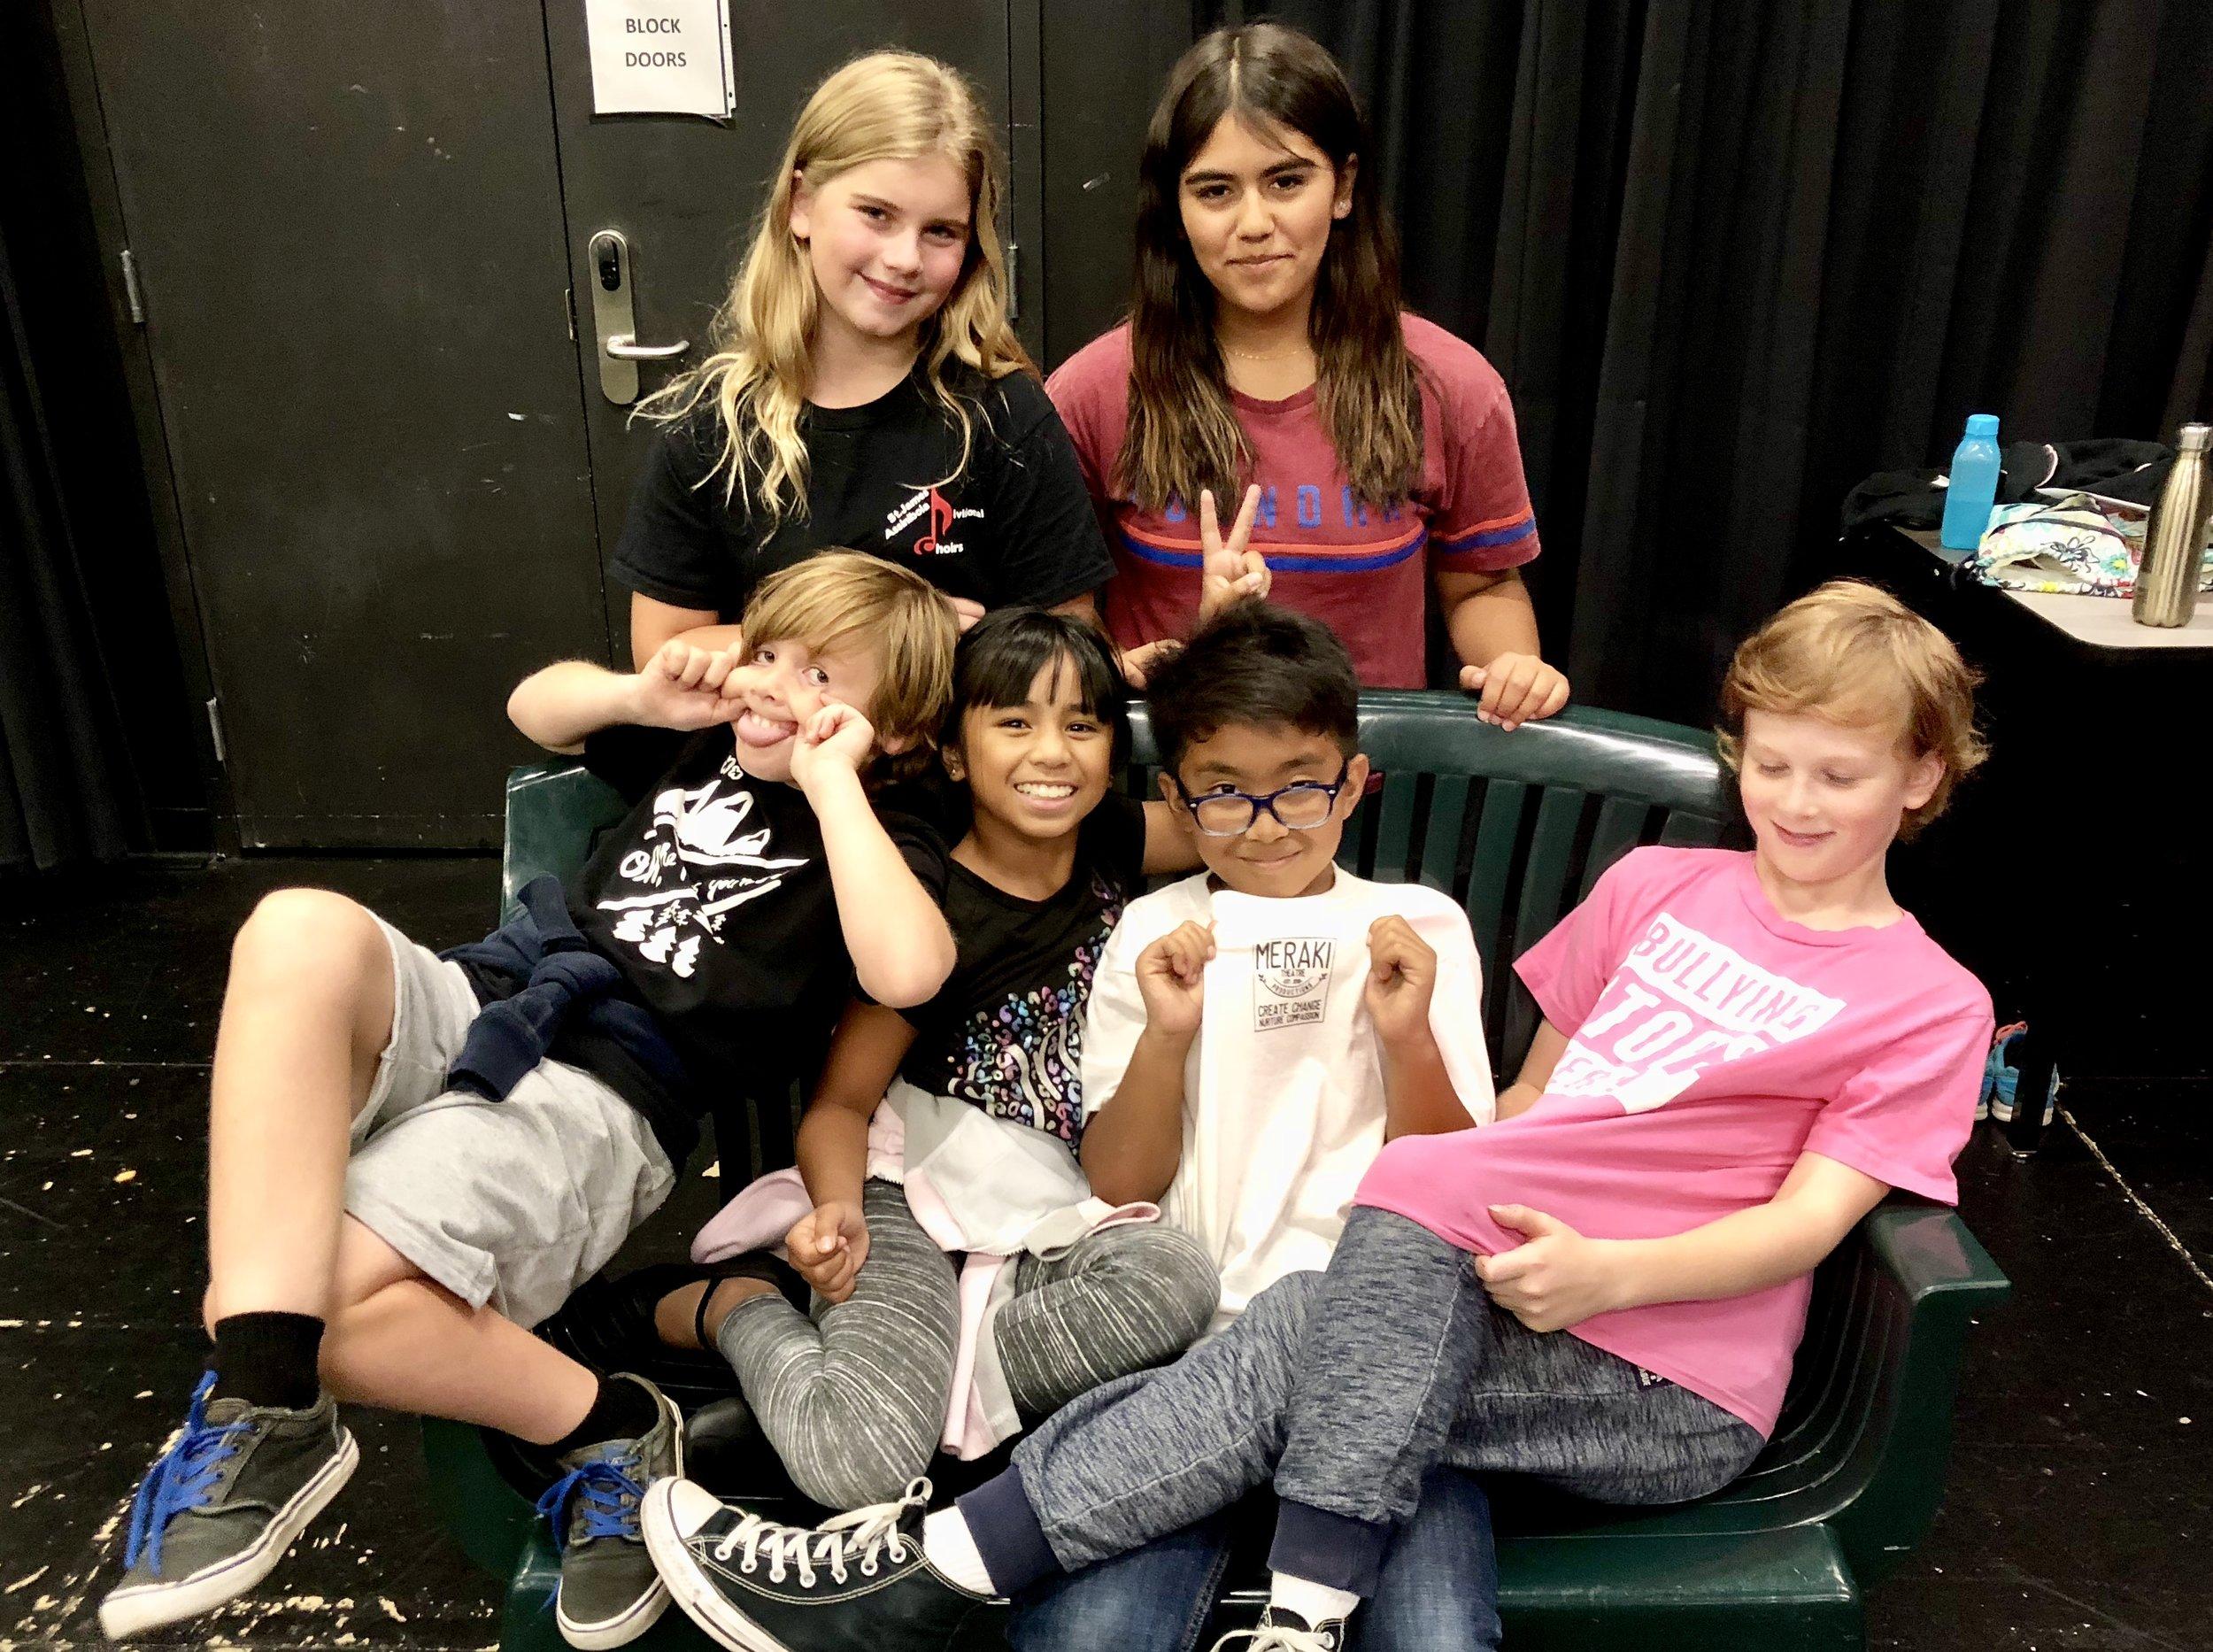 Meraki-Theatre-Youth-Empowerment-Camp-Winnipeg